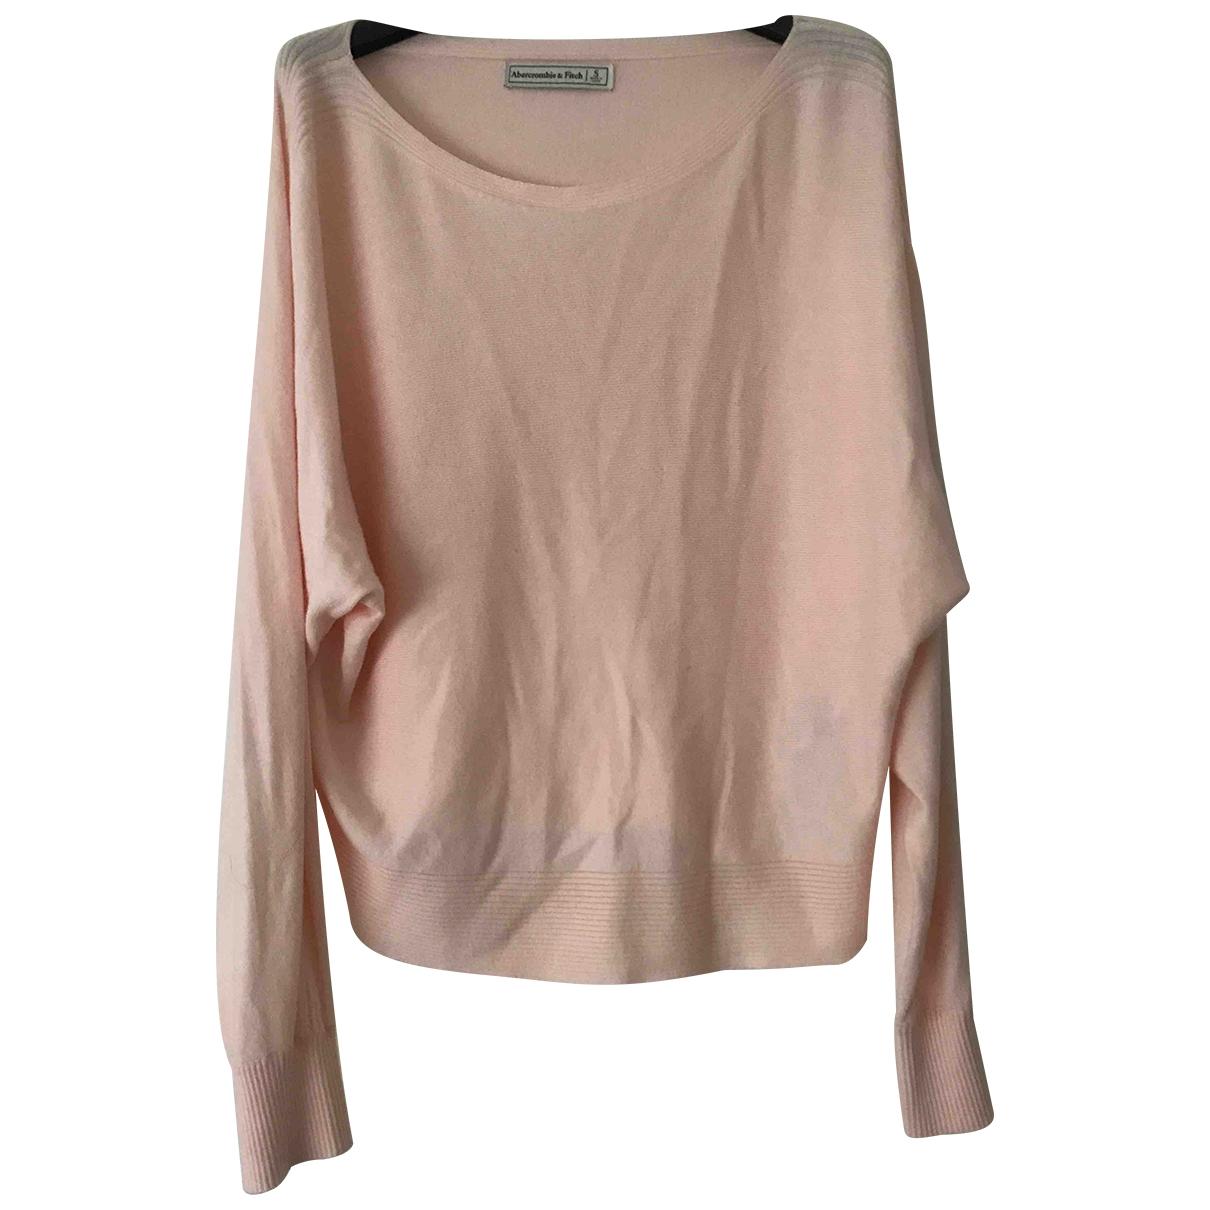 Abercrombie & Fitch - Pull   pour femme en coton - rose